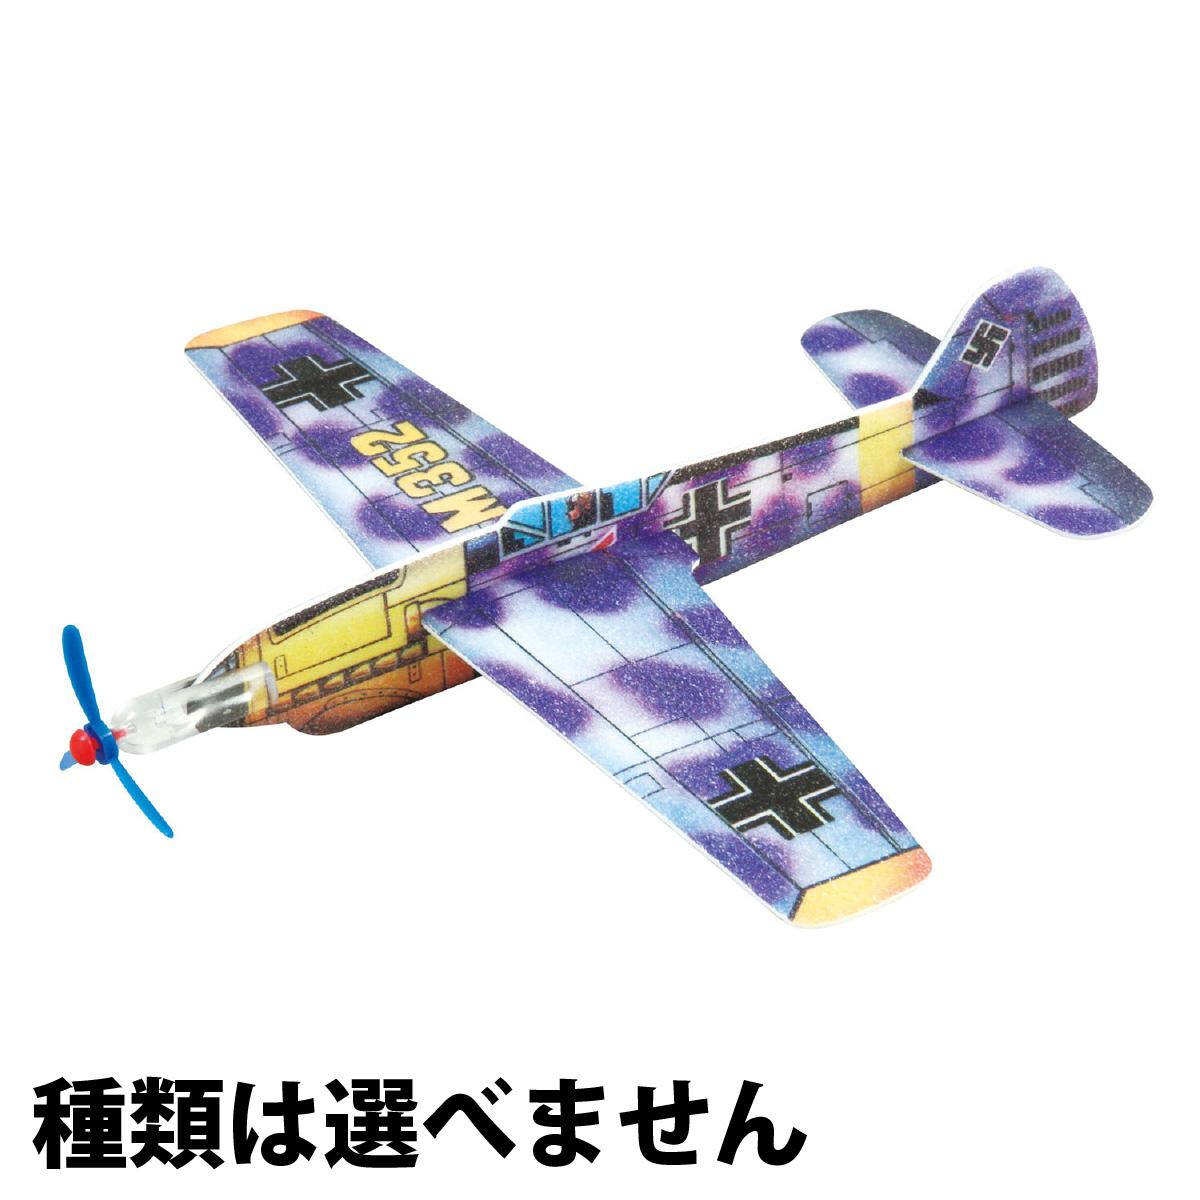 ソフトグライダー 種類ランダム 工作 おもちゃ 男の子 飛行機 知育玩具 玩具 キッズ 子供 クリスマスプレゼント